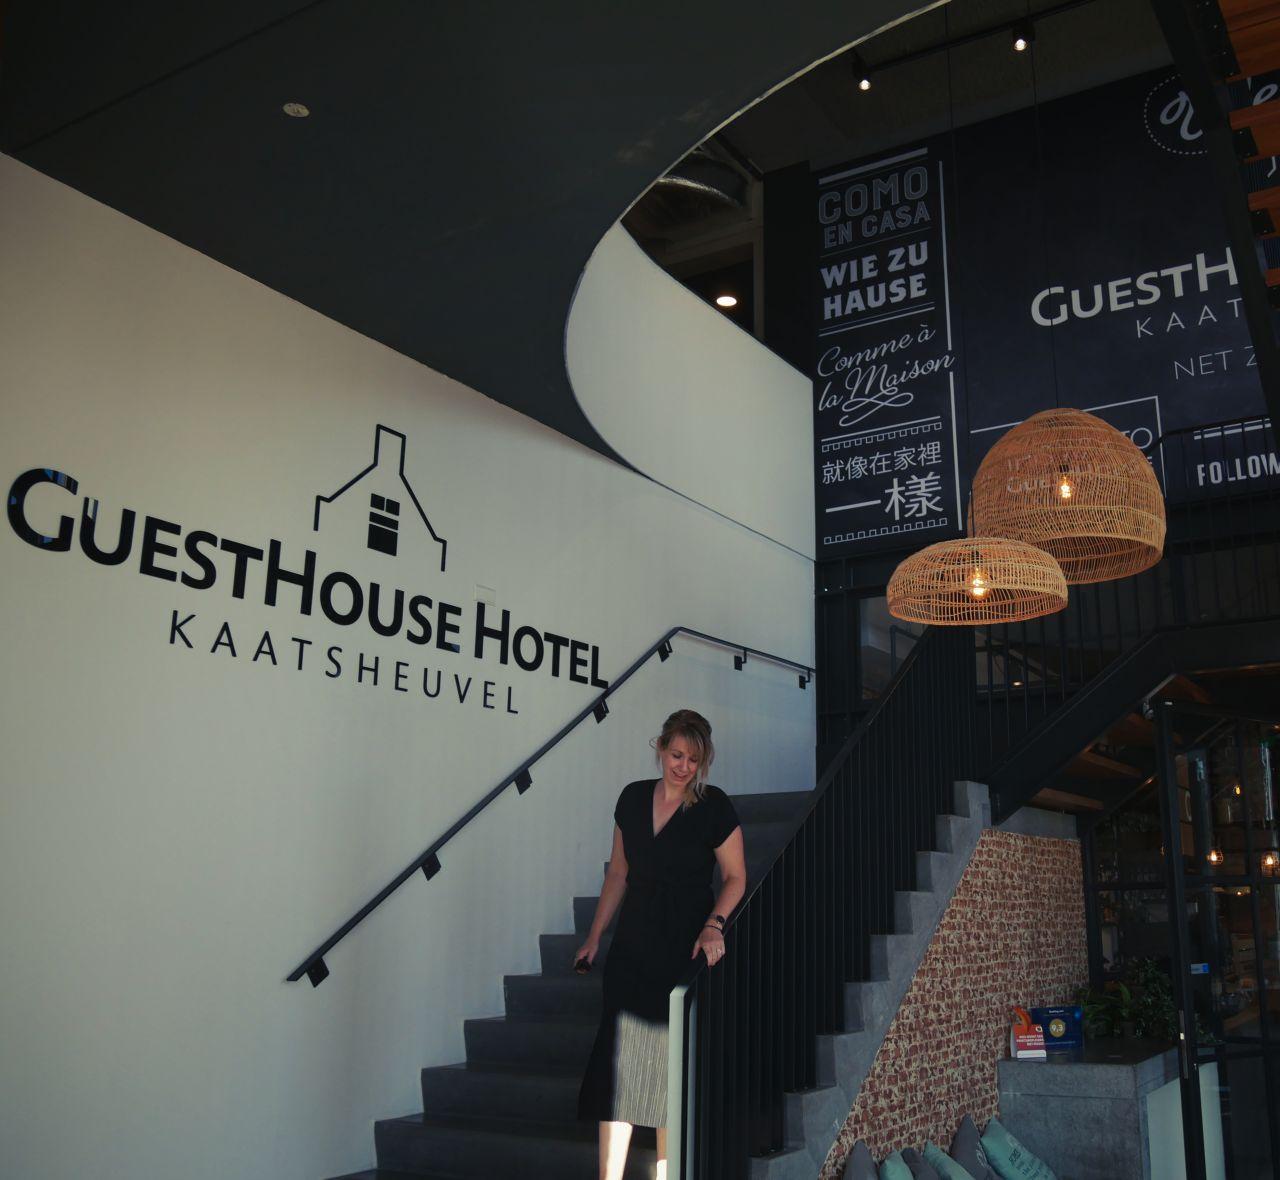 Guesthouse Hotel Kaatsheuvel Soetkees2